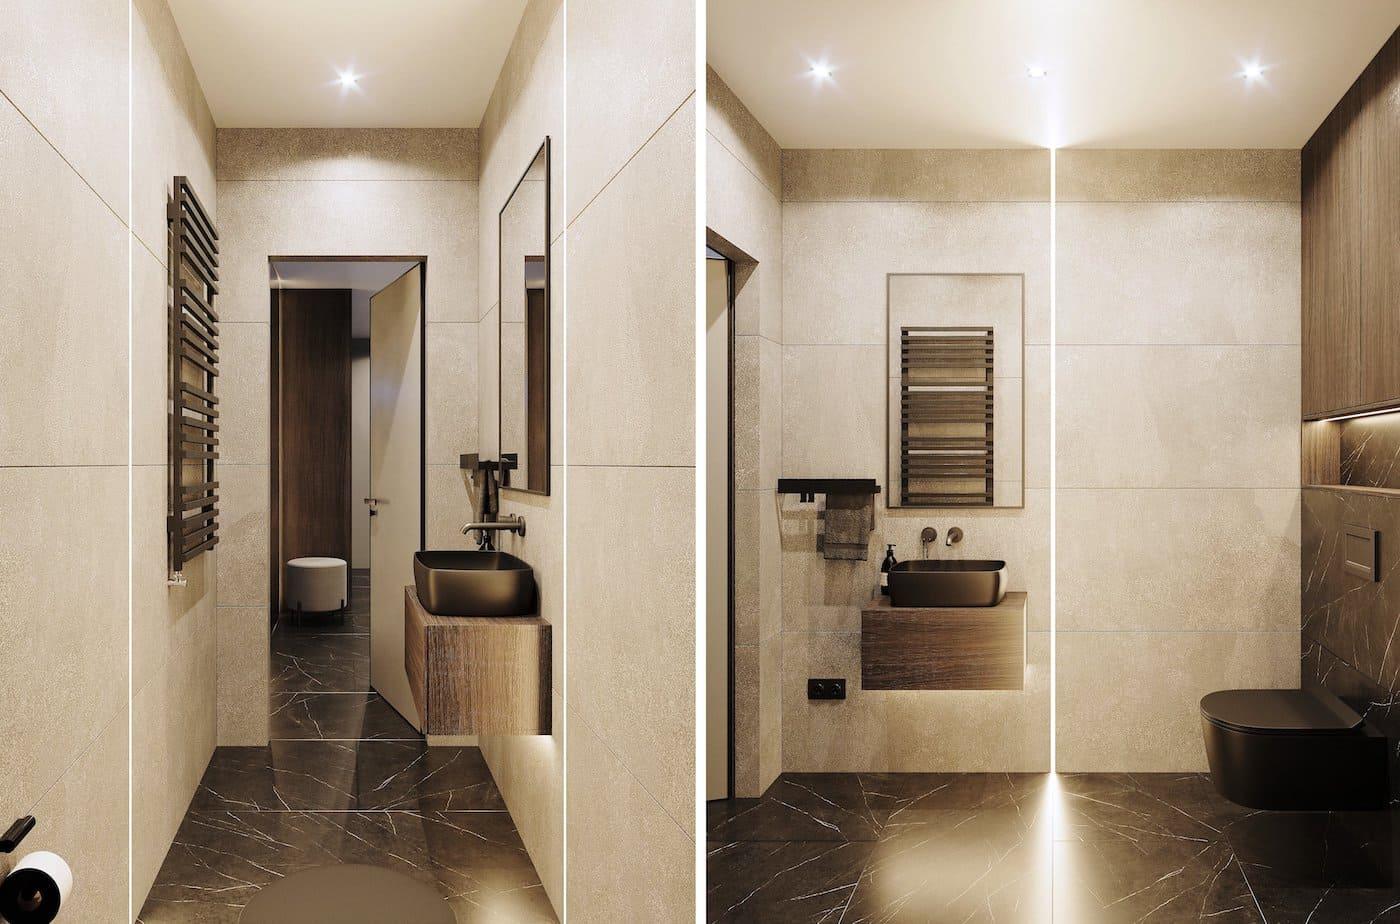 дизайн интерьера ванной комнаты фото 84